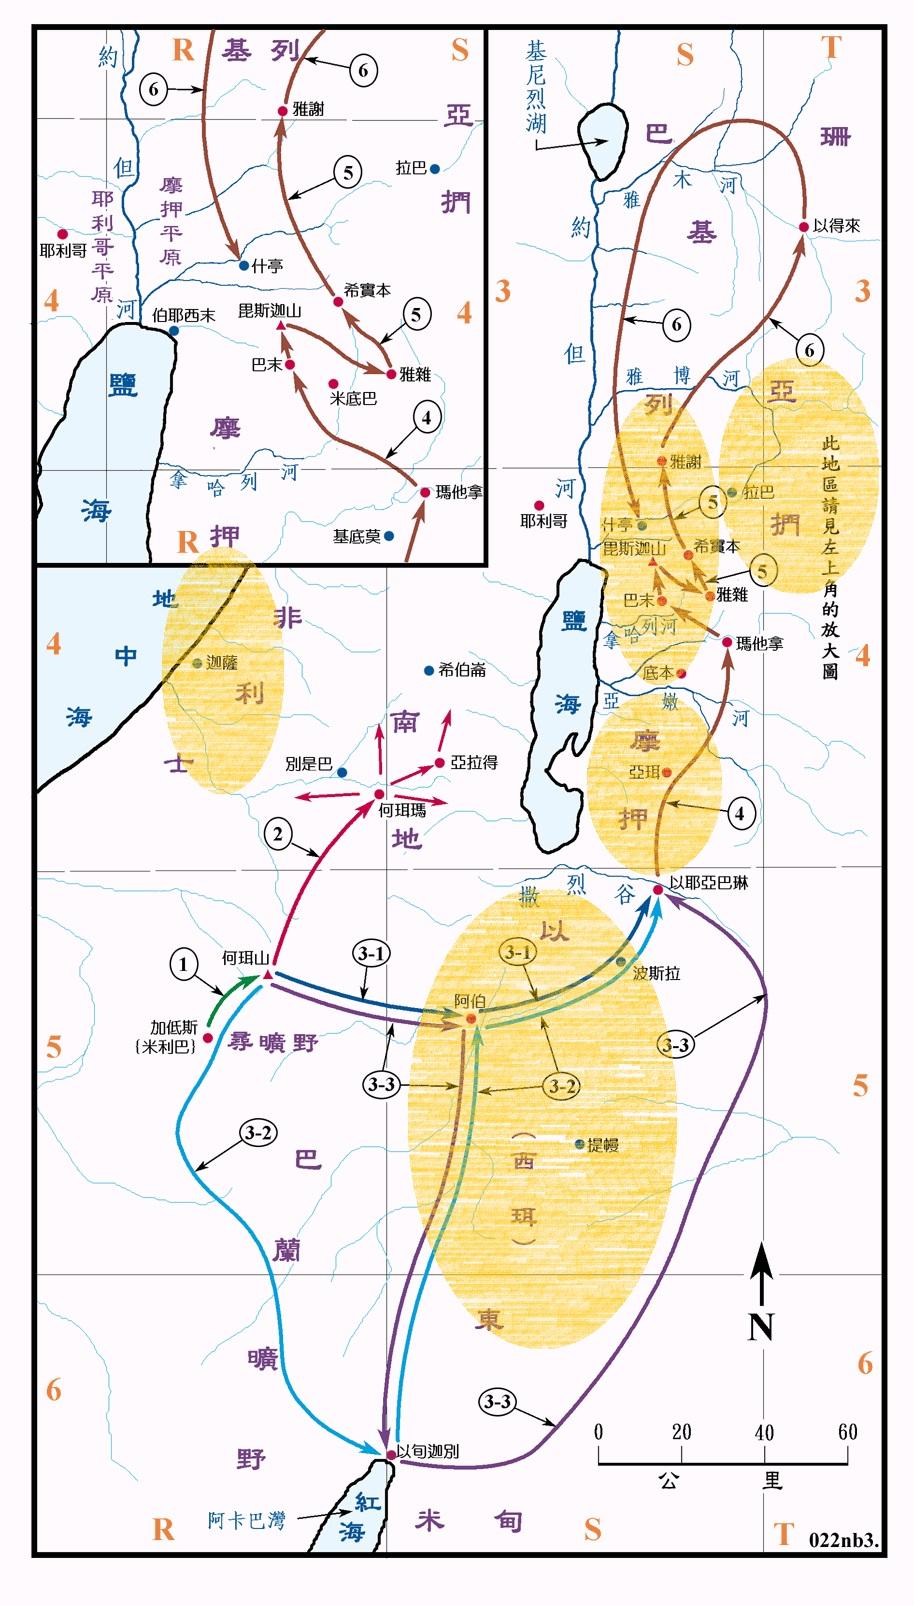 上图:以东、摩押、亚扪、非利士人和亚摩利王西宏的地。以色列人经过以东、摩押和亚扪的边界,夺取了亚摩利王西宏的地:1. 从加低斯起行,到了何珥山,亚伦去世(民二十22 )。2、迦南人攻击以色列人,但被以色列人所击败(民二十一1-3 )。3、他们经阿伯、以耶·亚巴琳,安营在撒烈谷(民二十一10)。这段路程可能有三种不同的路线,3-1表示向东直接穿过以东,3-2表示先向南到以旬·迦别,再去阿伯;3-3表示向东到了阿伯,然后转南到以旬·迦别,再去撒烈谷。4、过亚嫩河,经亚珥、玛他拿、拿哈列、巴末、摩押地的谷,就到了毗斯迦的山顶(民二十一13-20 )。5、击败住西实本的亚摩利王西宏,夺取了他的城邑(民二十一21-32)。6、在以得来击败巴珊的王噩,夺取了他的土地。然后南返﹐安营在摩押平原(民二十一33-二十二1 )。